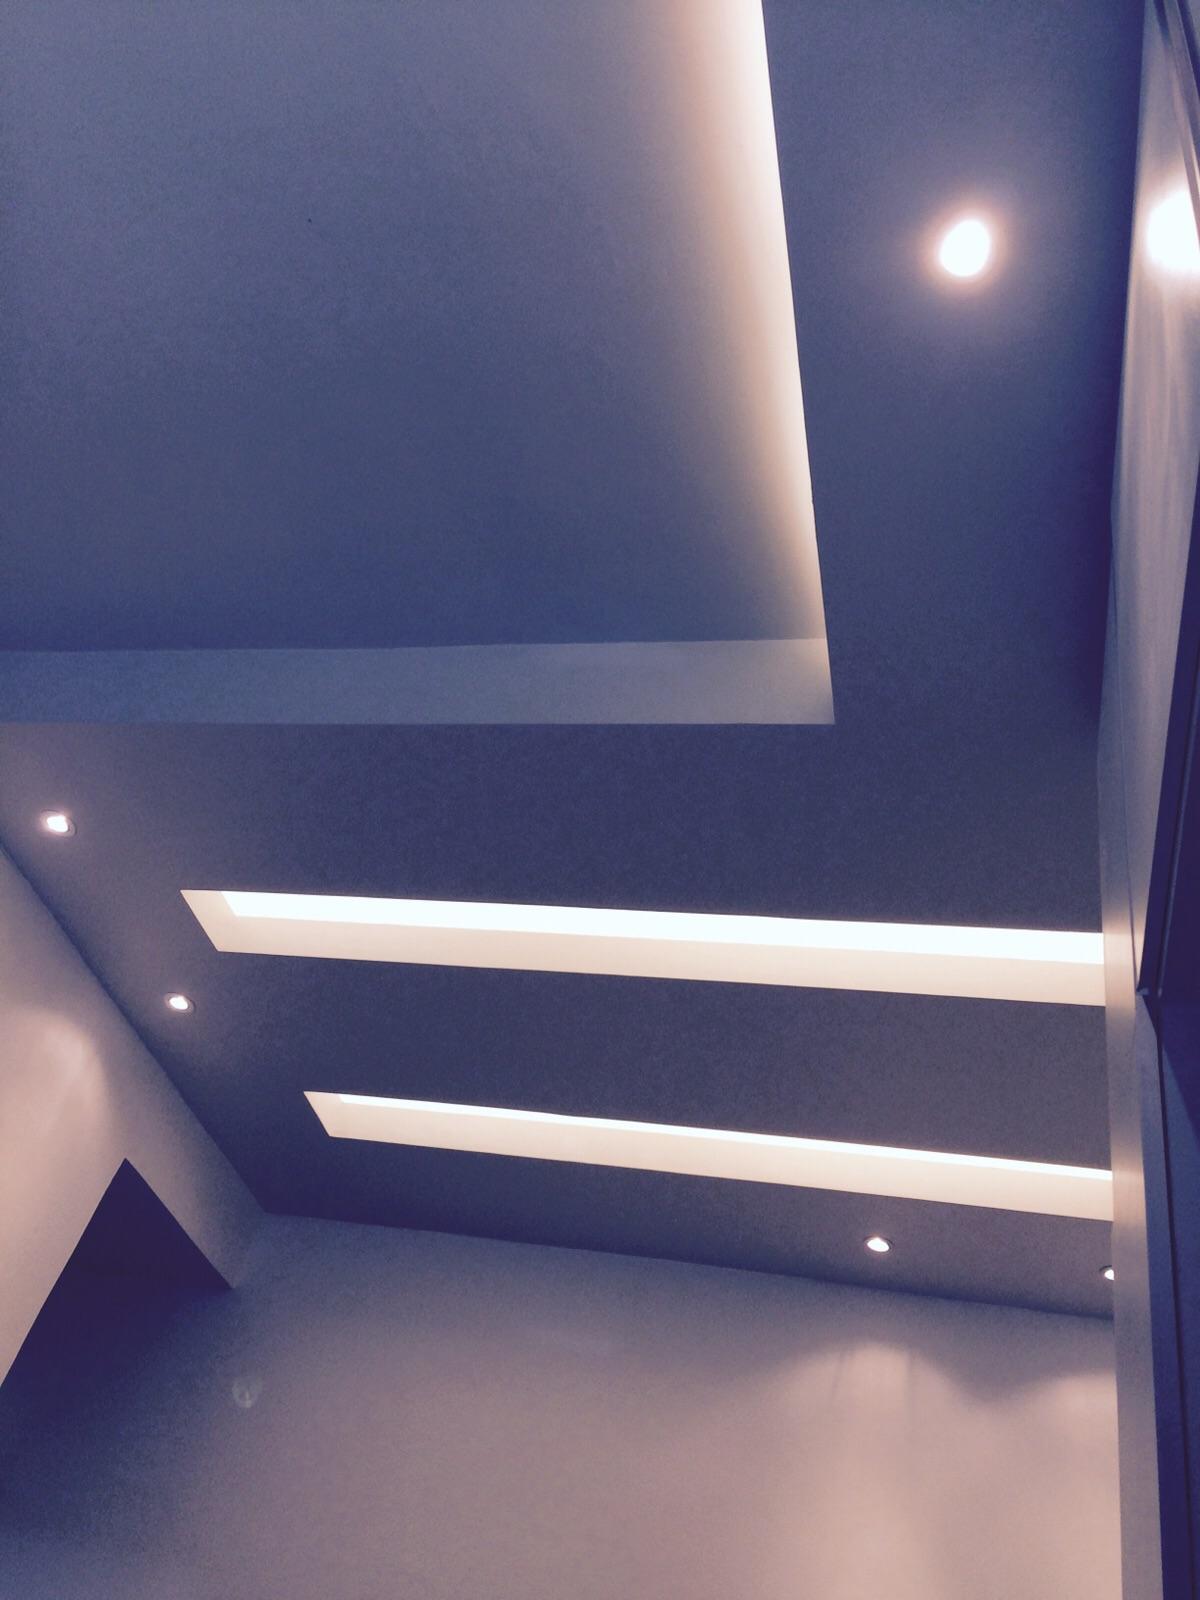 FOTO3 - Apartamento 1 quarto à venda Centro, IMOBRAS RJ - R$ 260.000 - AP2734 - 4